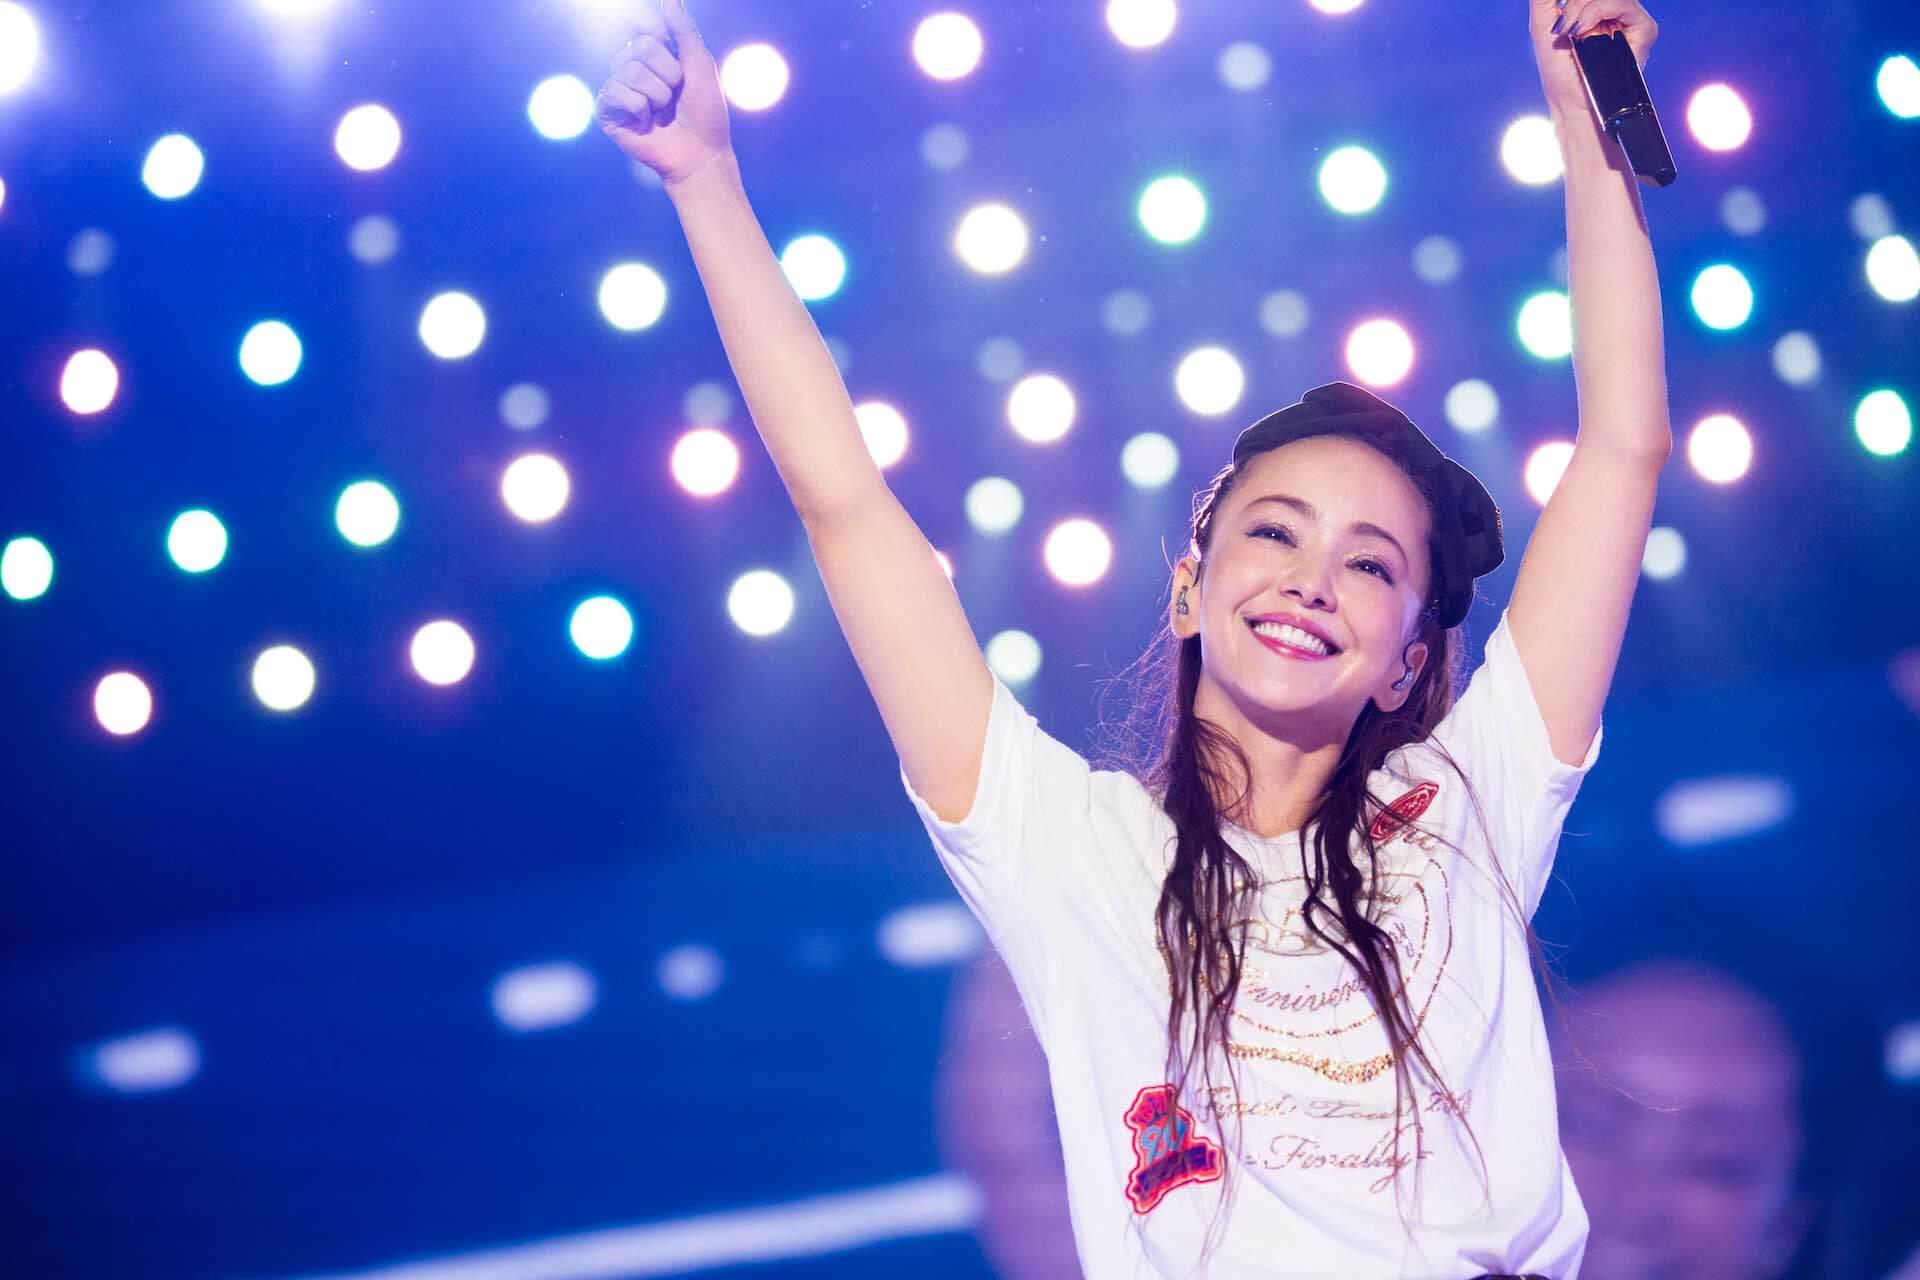 【引退から1年】安室奈美恵、Apple MusicでMV独占配信開始 music190916-namieamuro